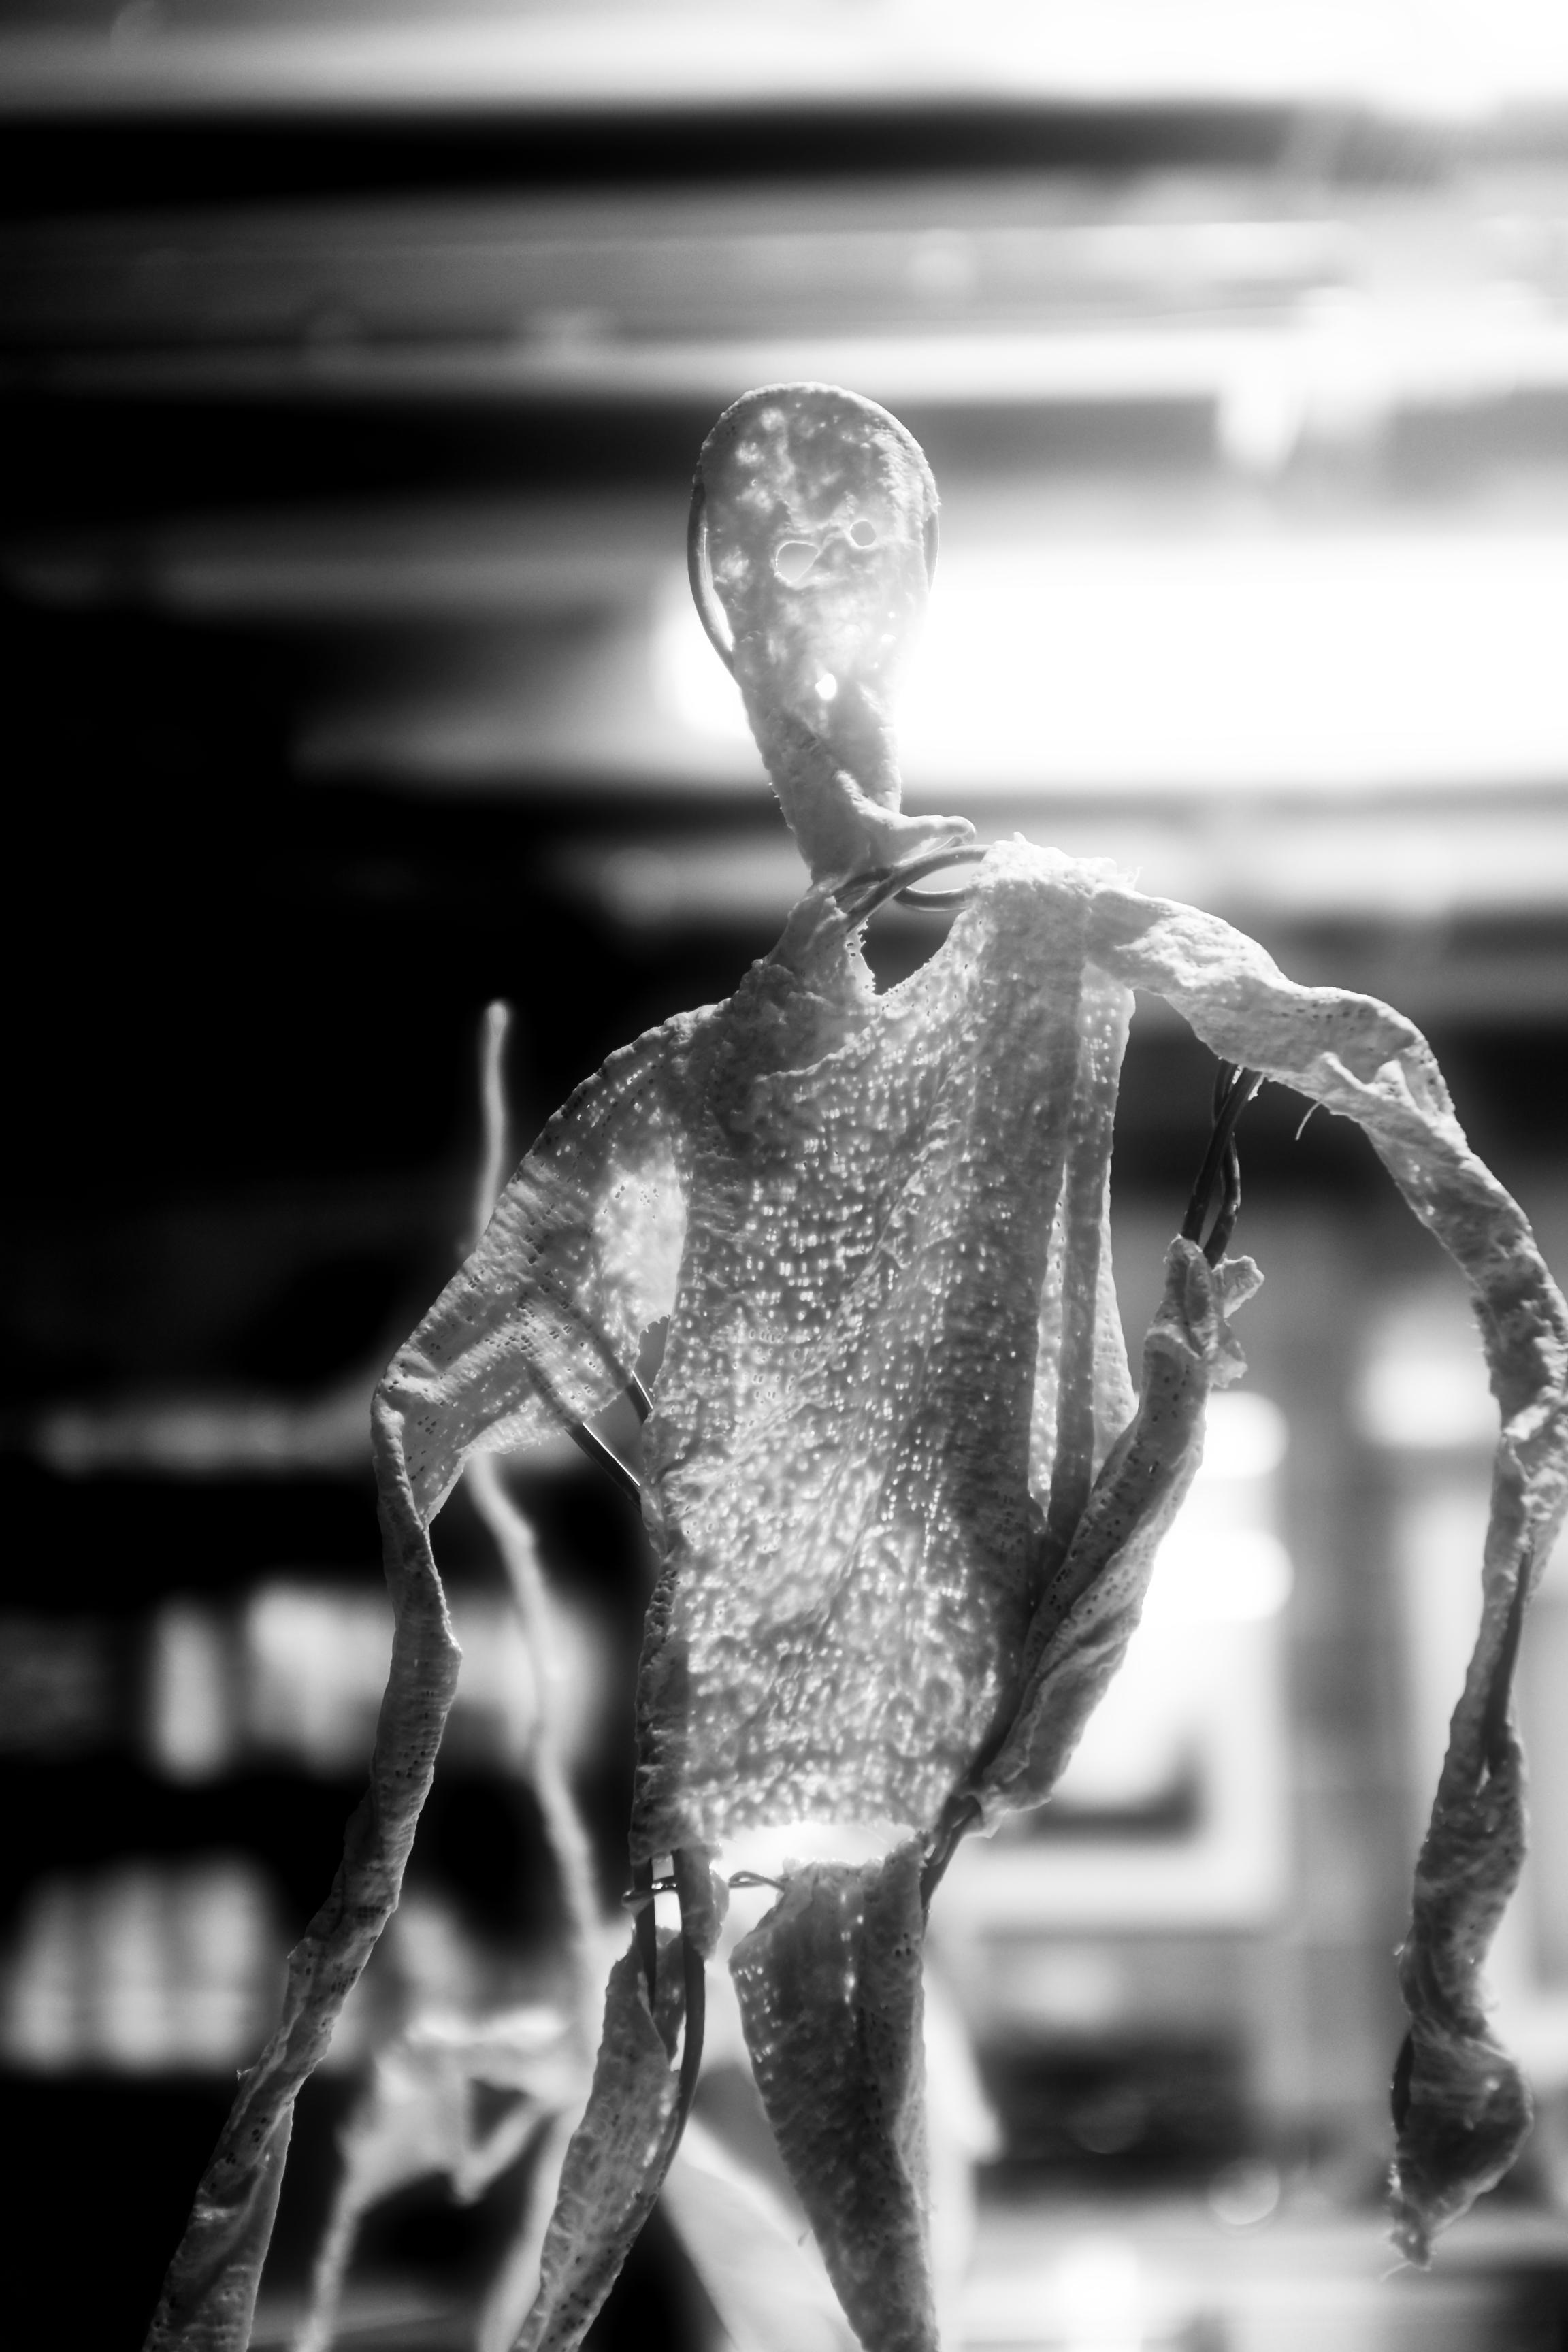 Sculpture B bw.jpeg